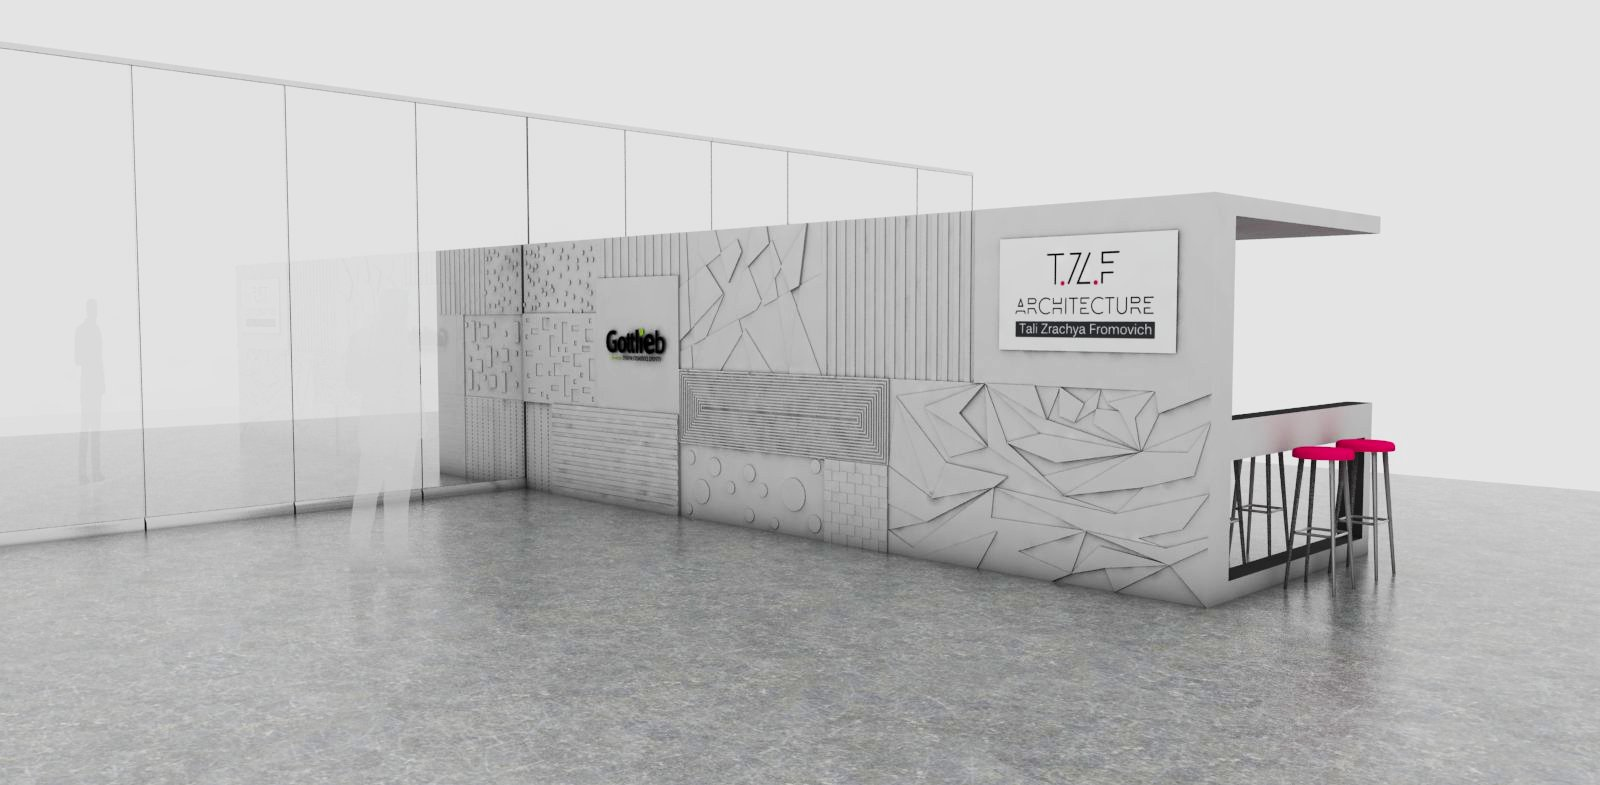 תכנון ביתן לתערוכה